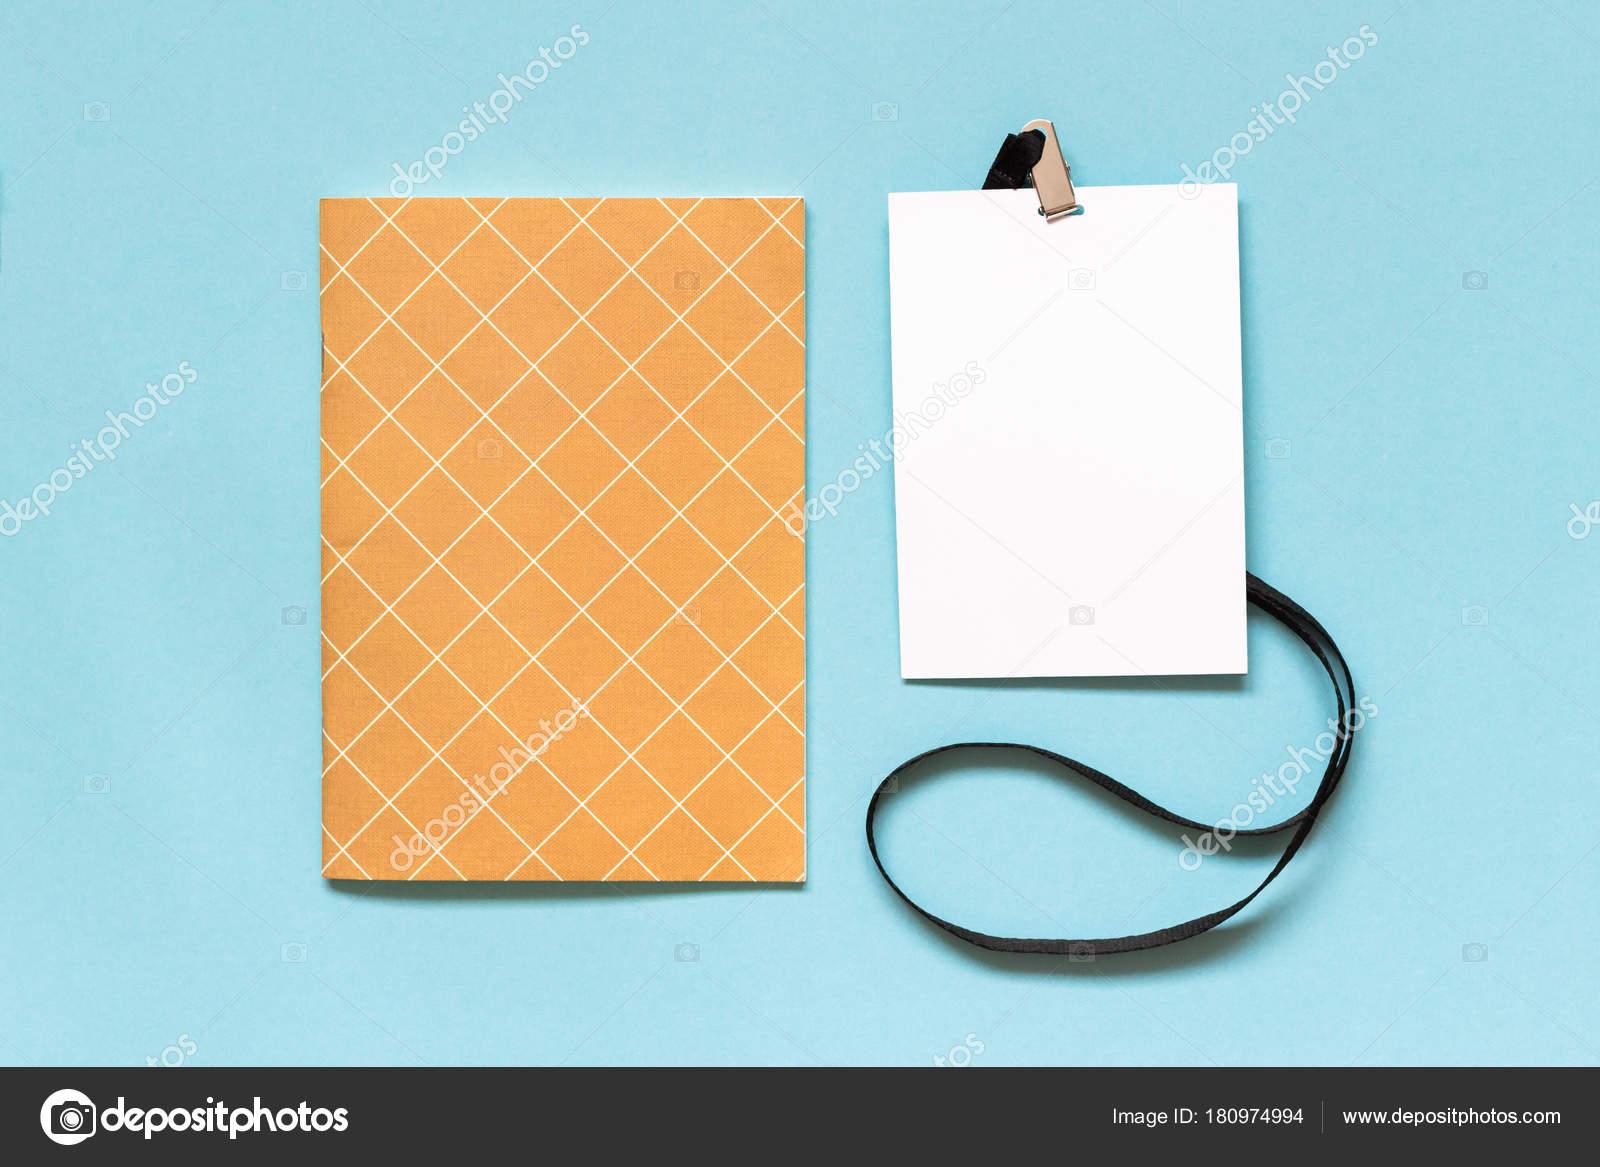 df717bfe21 Λευκό κενό χαρτί σήμα mockup με μαύρο κορδόνι και σημειωματάριο σε μπλε  φόντο. Αντιγράψτε το χώρο για το κείμενο. Πρότυπο — Εικόνα από ...